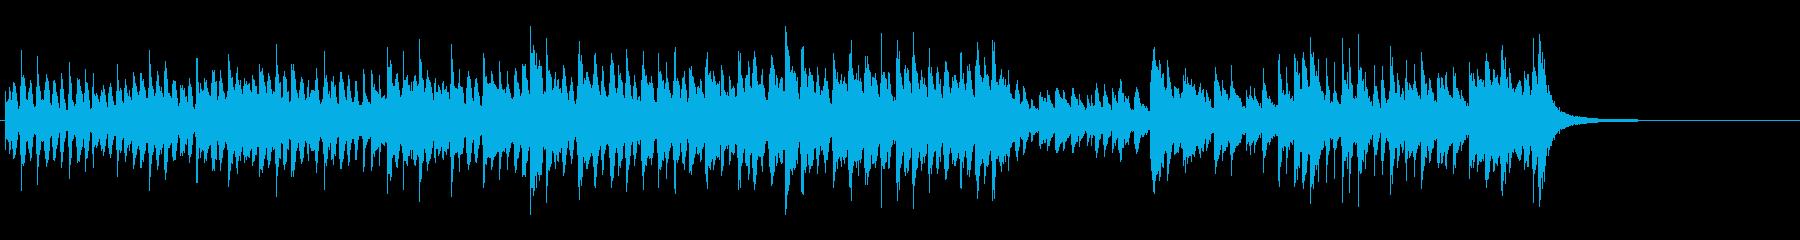 ルーツ・ミュージック(インドネシア風)の再生済みの波形